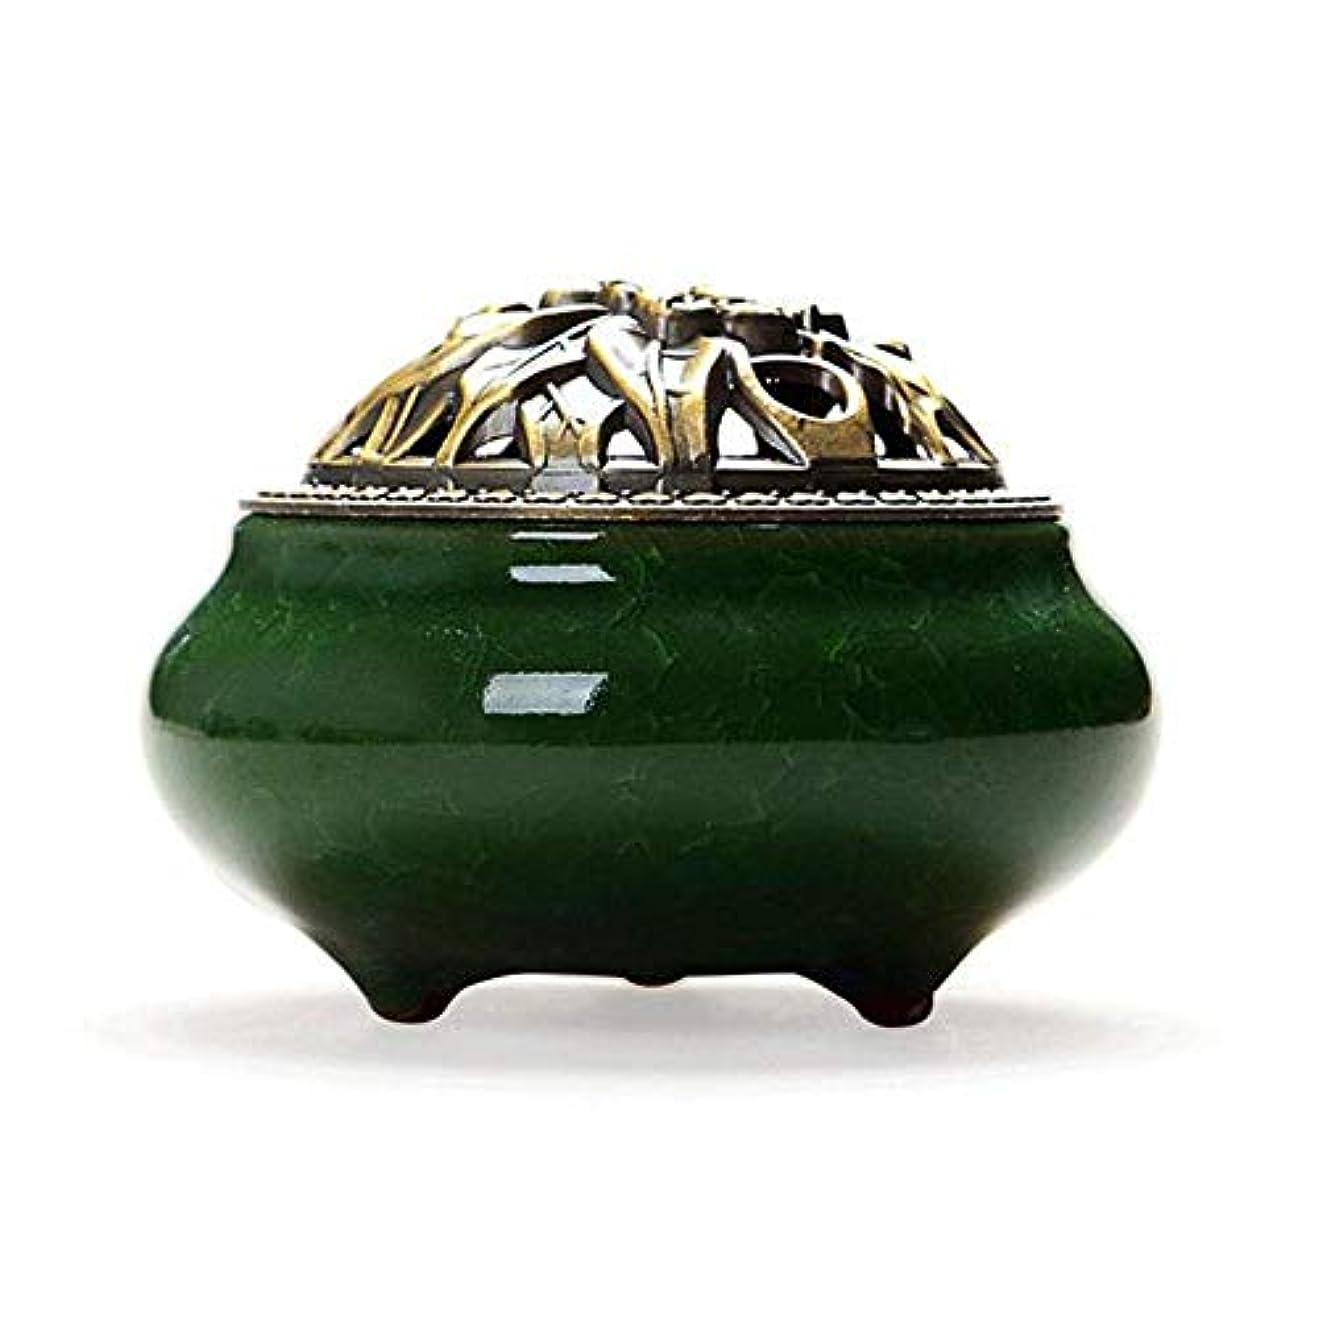 組み合わせ調和のとれた魅惑的なChinashow セラミック 香 バーナー 香 スティック ホルダー コーン バーナー 磁器 香 ホルダー ホーム 脱落 エメラルド